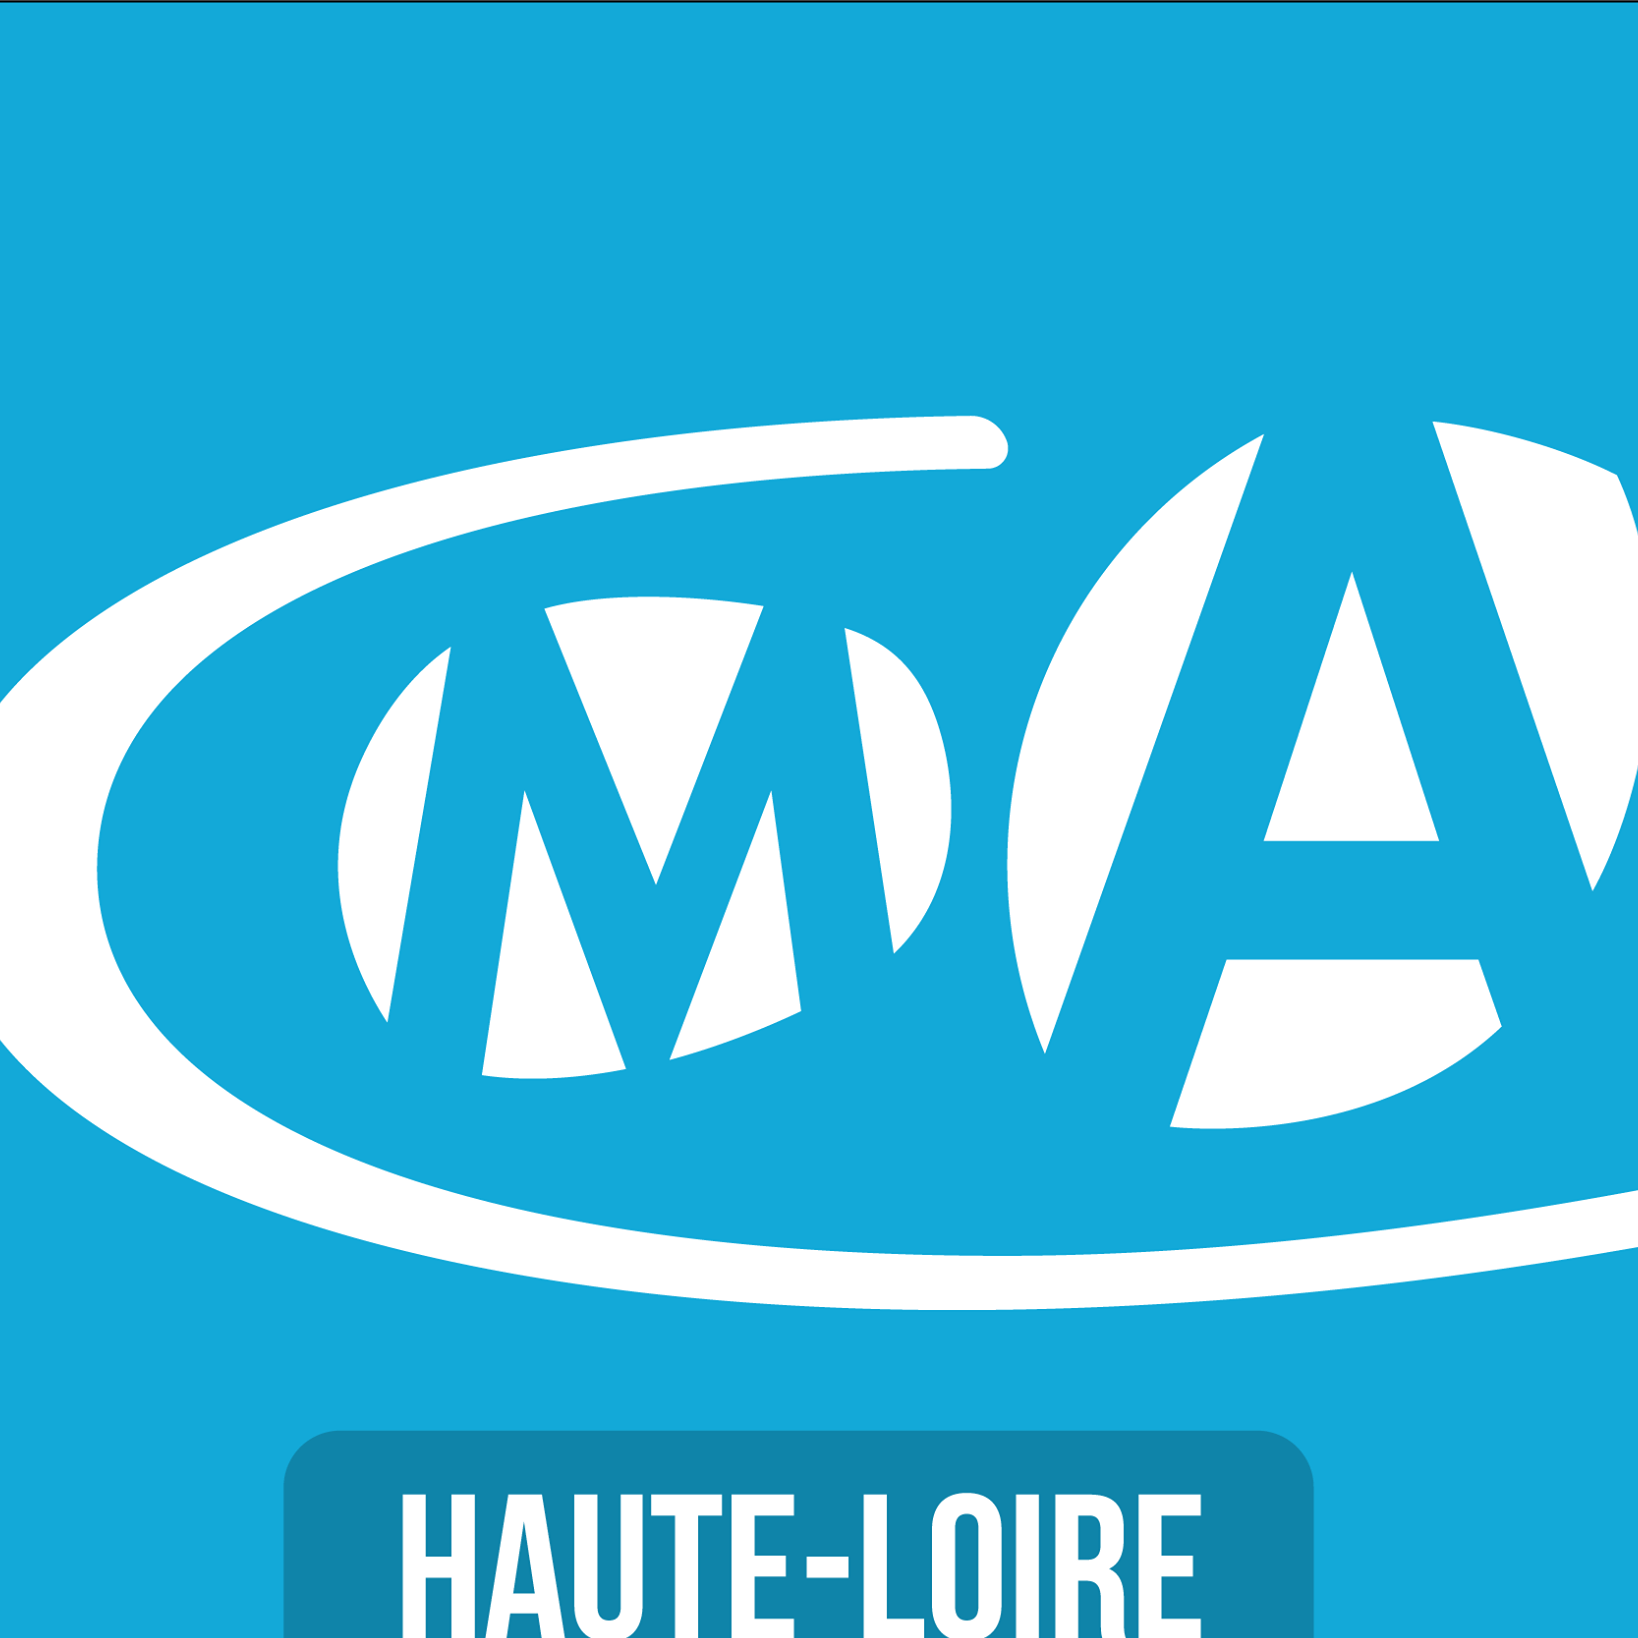 Chambre de Métiers et de l'Artisanat de la Haute-Loire